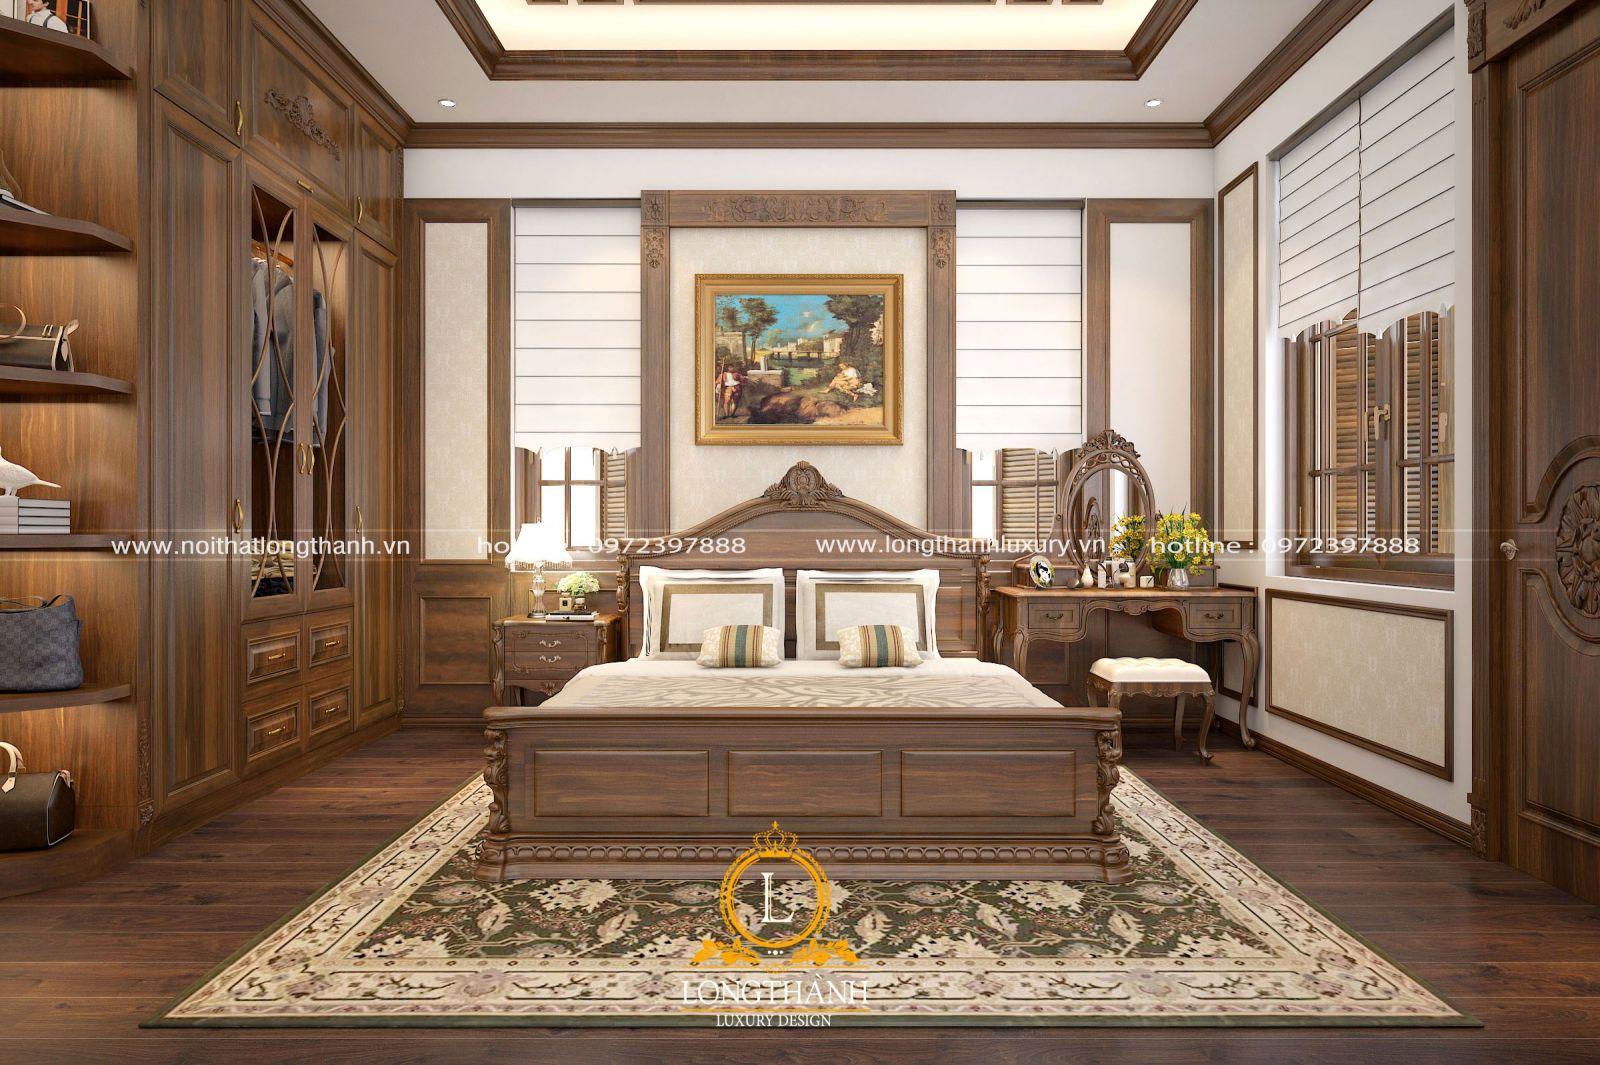 Nội thất phòng ngủ đảm bảo sự gọn gàng, tiện nghi